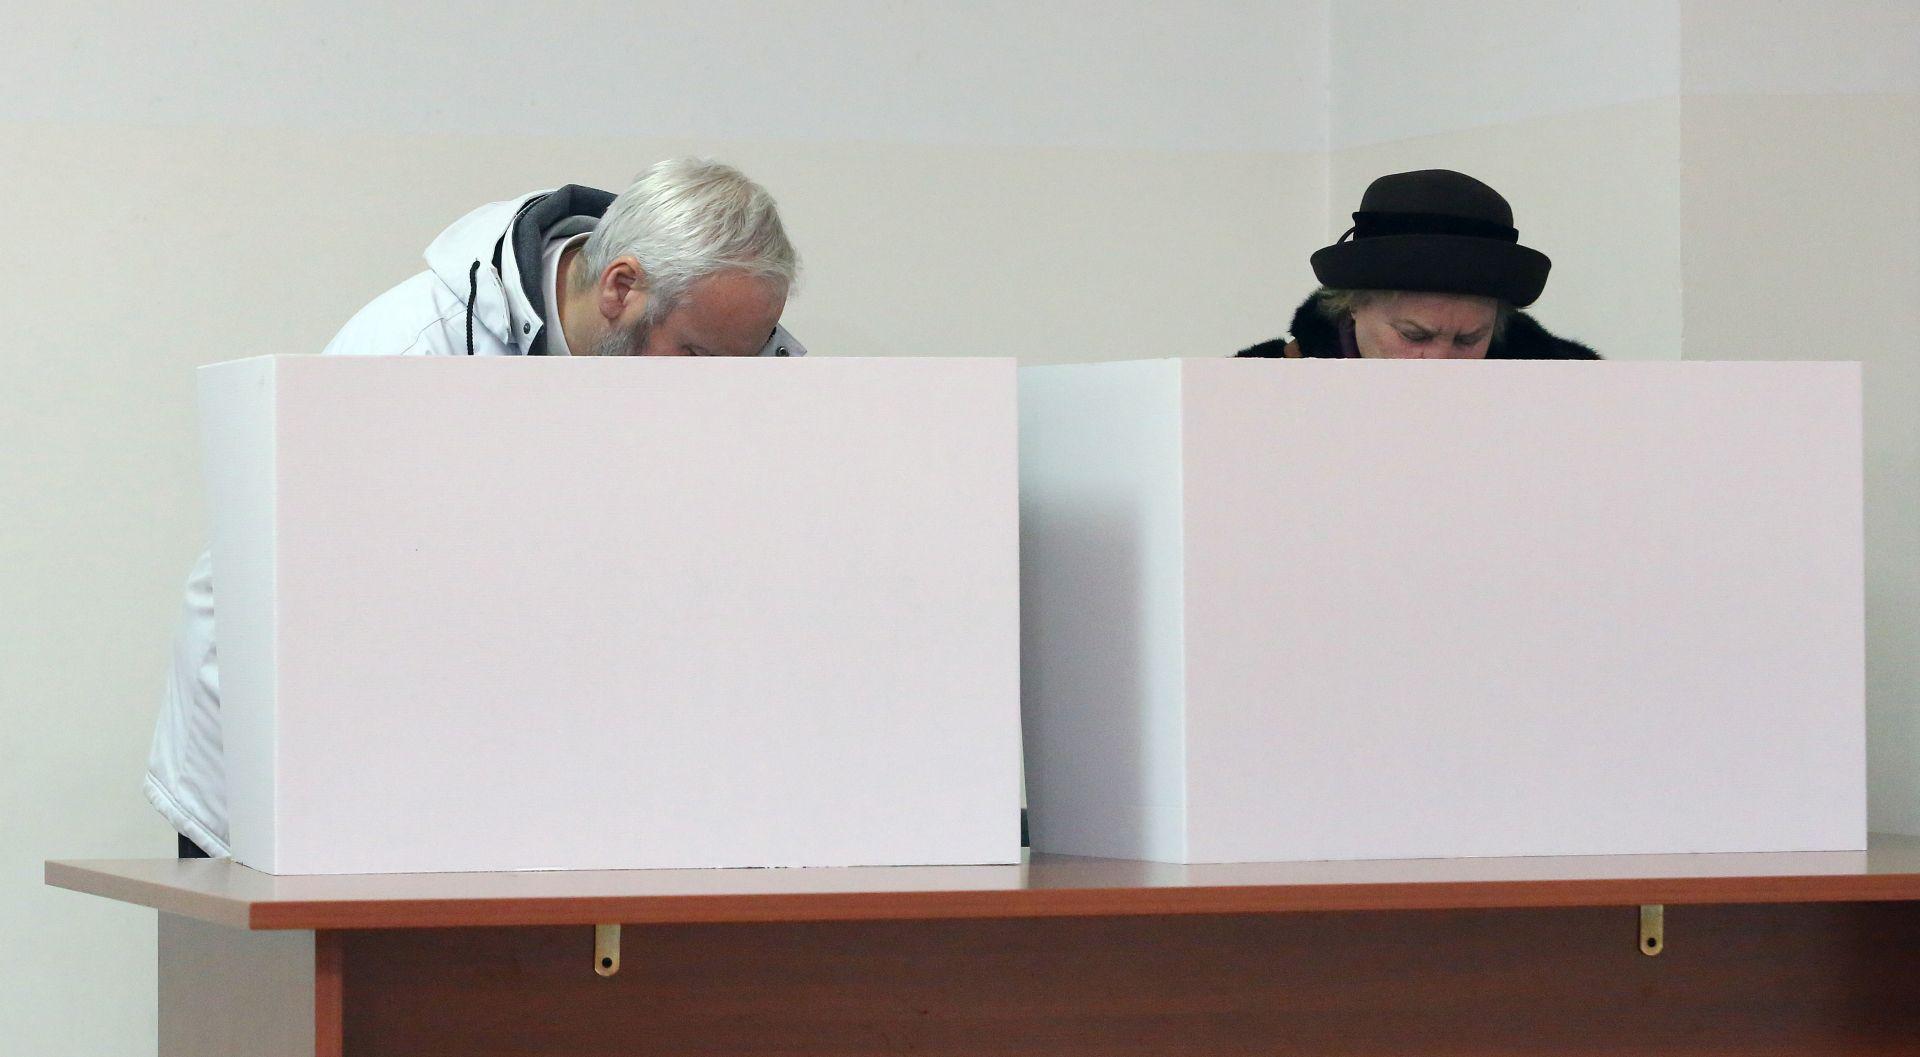 FABIJANČIĆ KRIŽANIĆ 'DIP zaprima sporadične prijave koje ne utječu na zakonitost izbora'